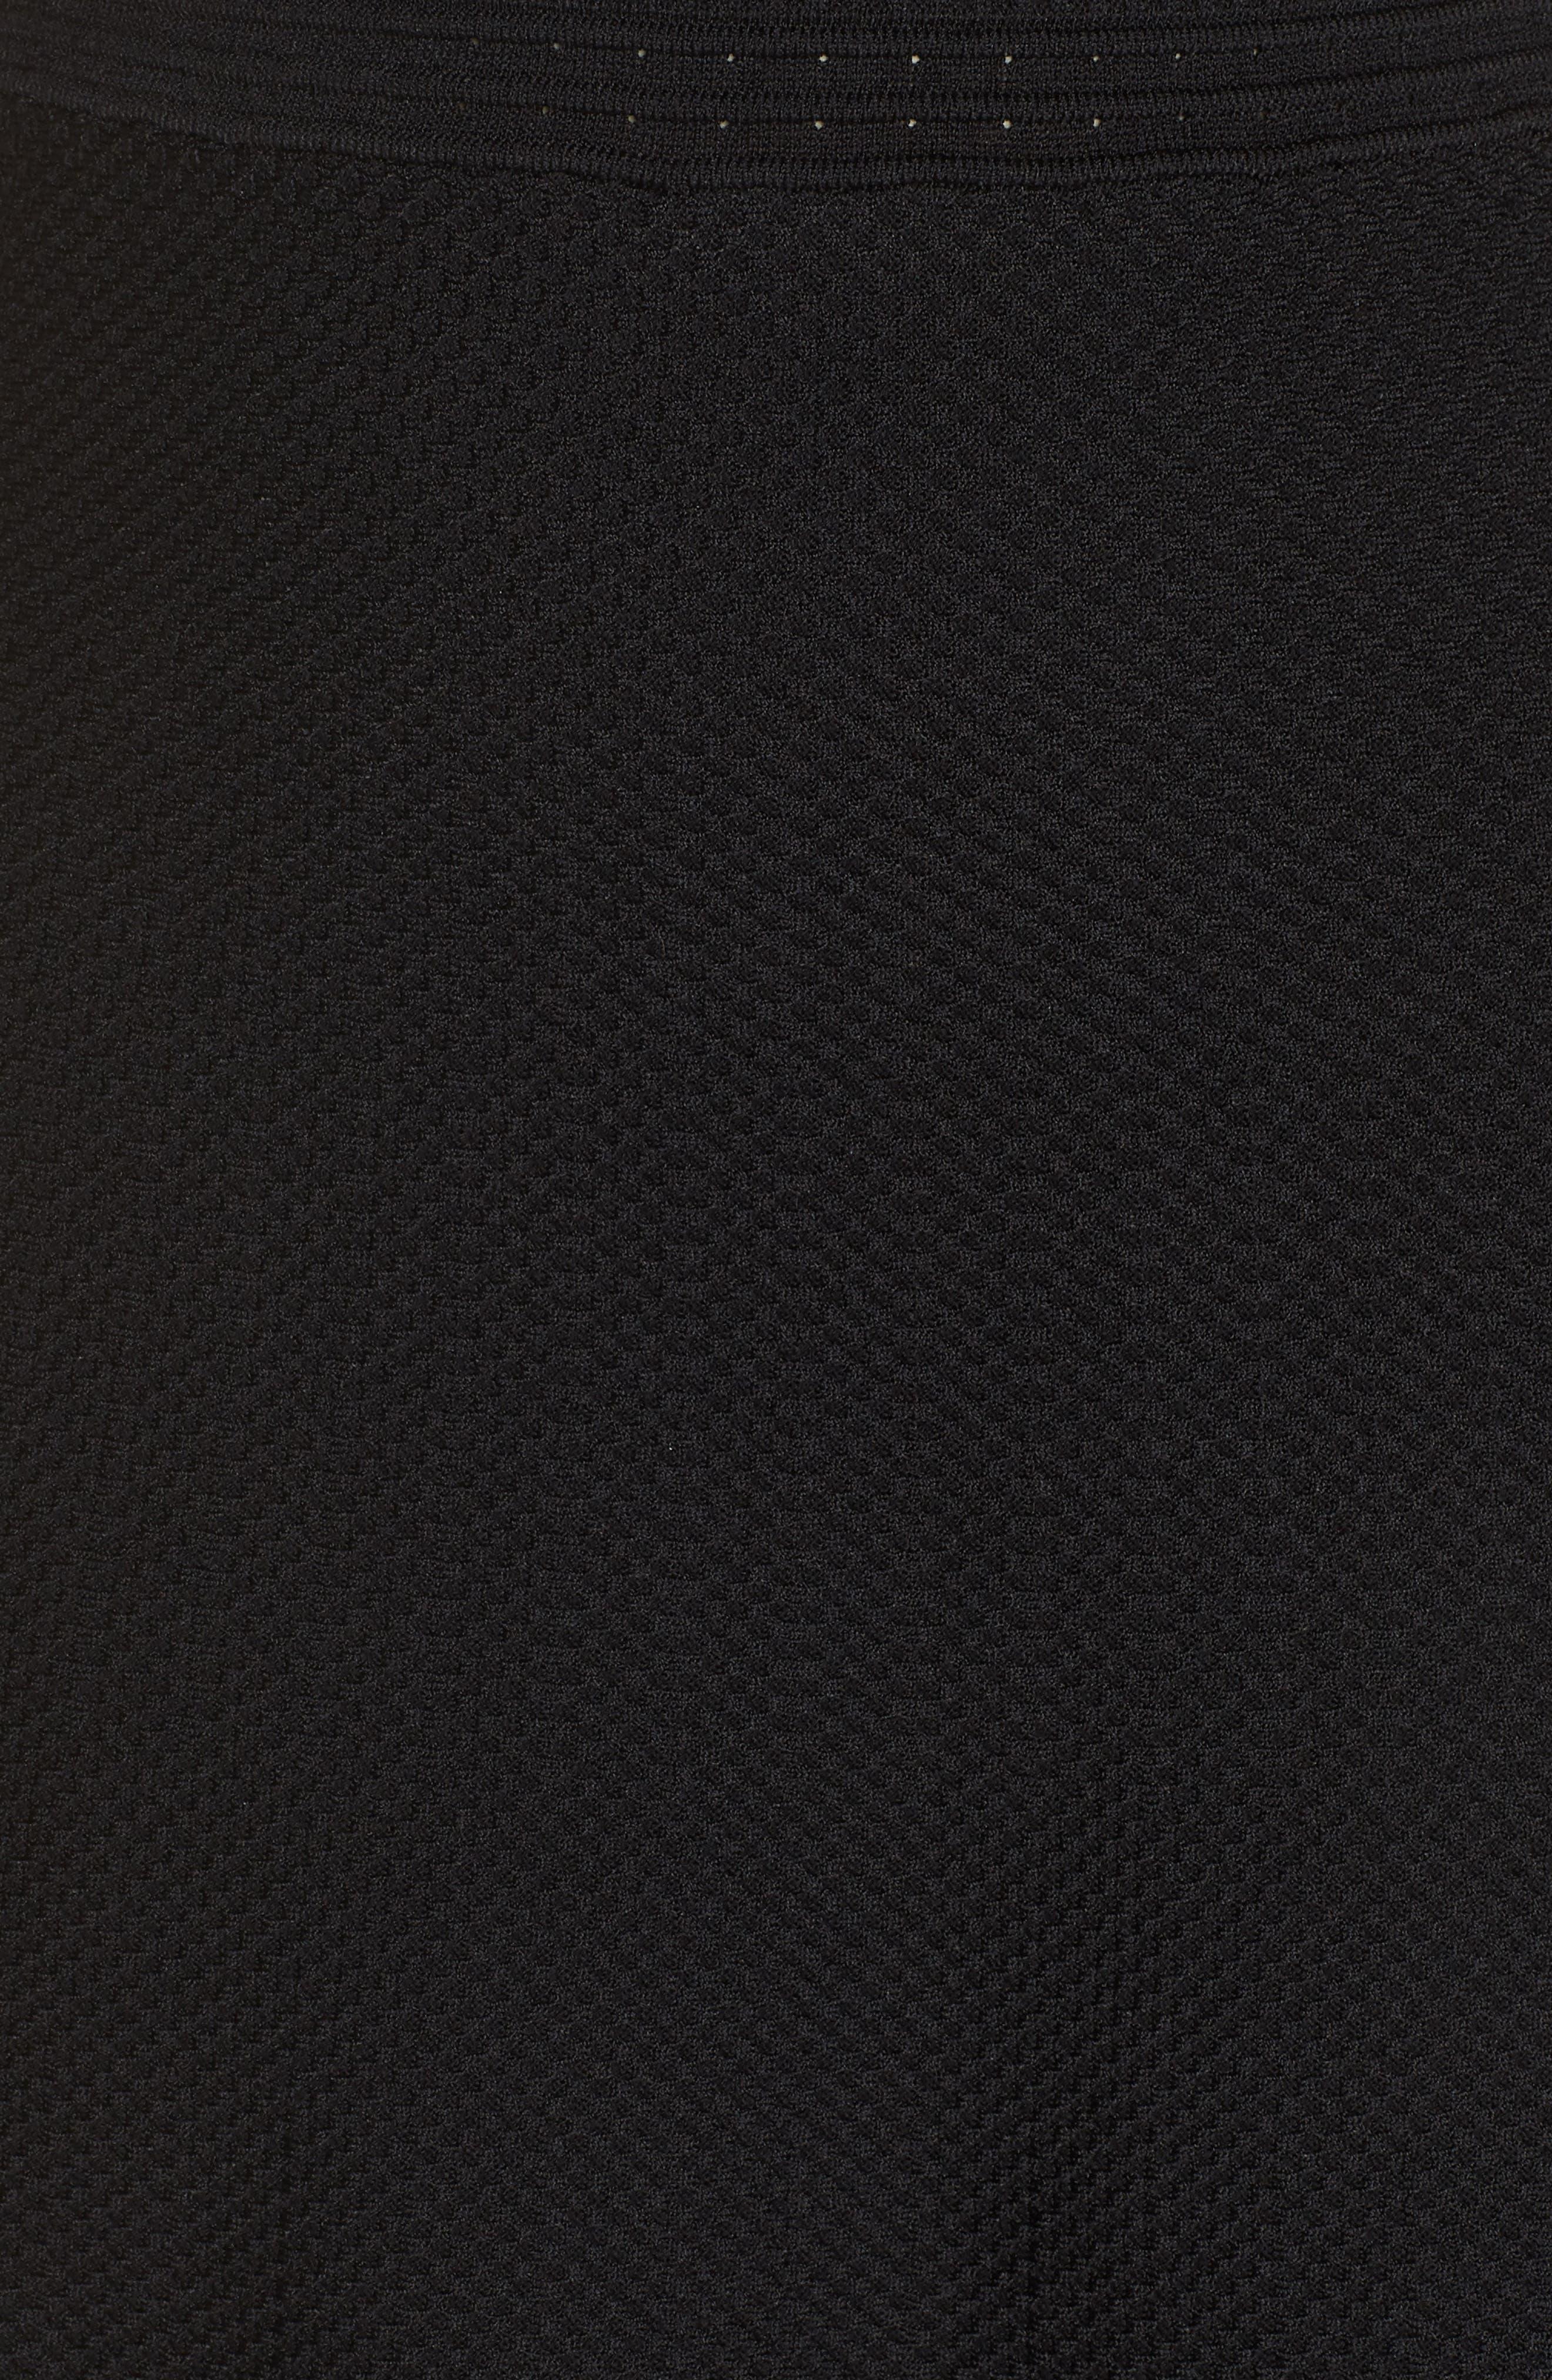 Ellie Knits V-Neck Fit & Flare Dress,                             Alternate thumbnail 6, color,                             BLACK